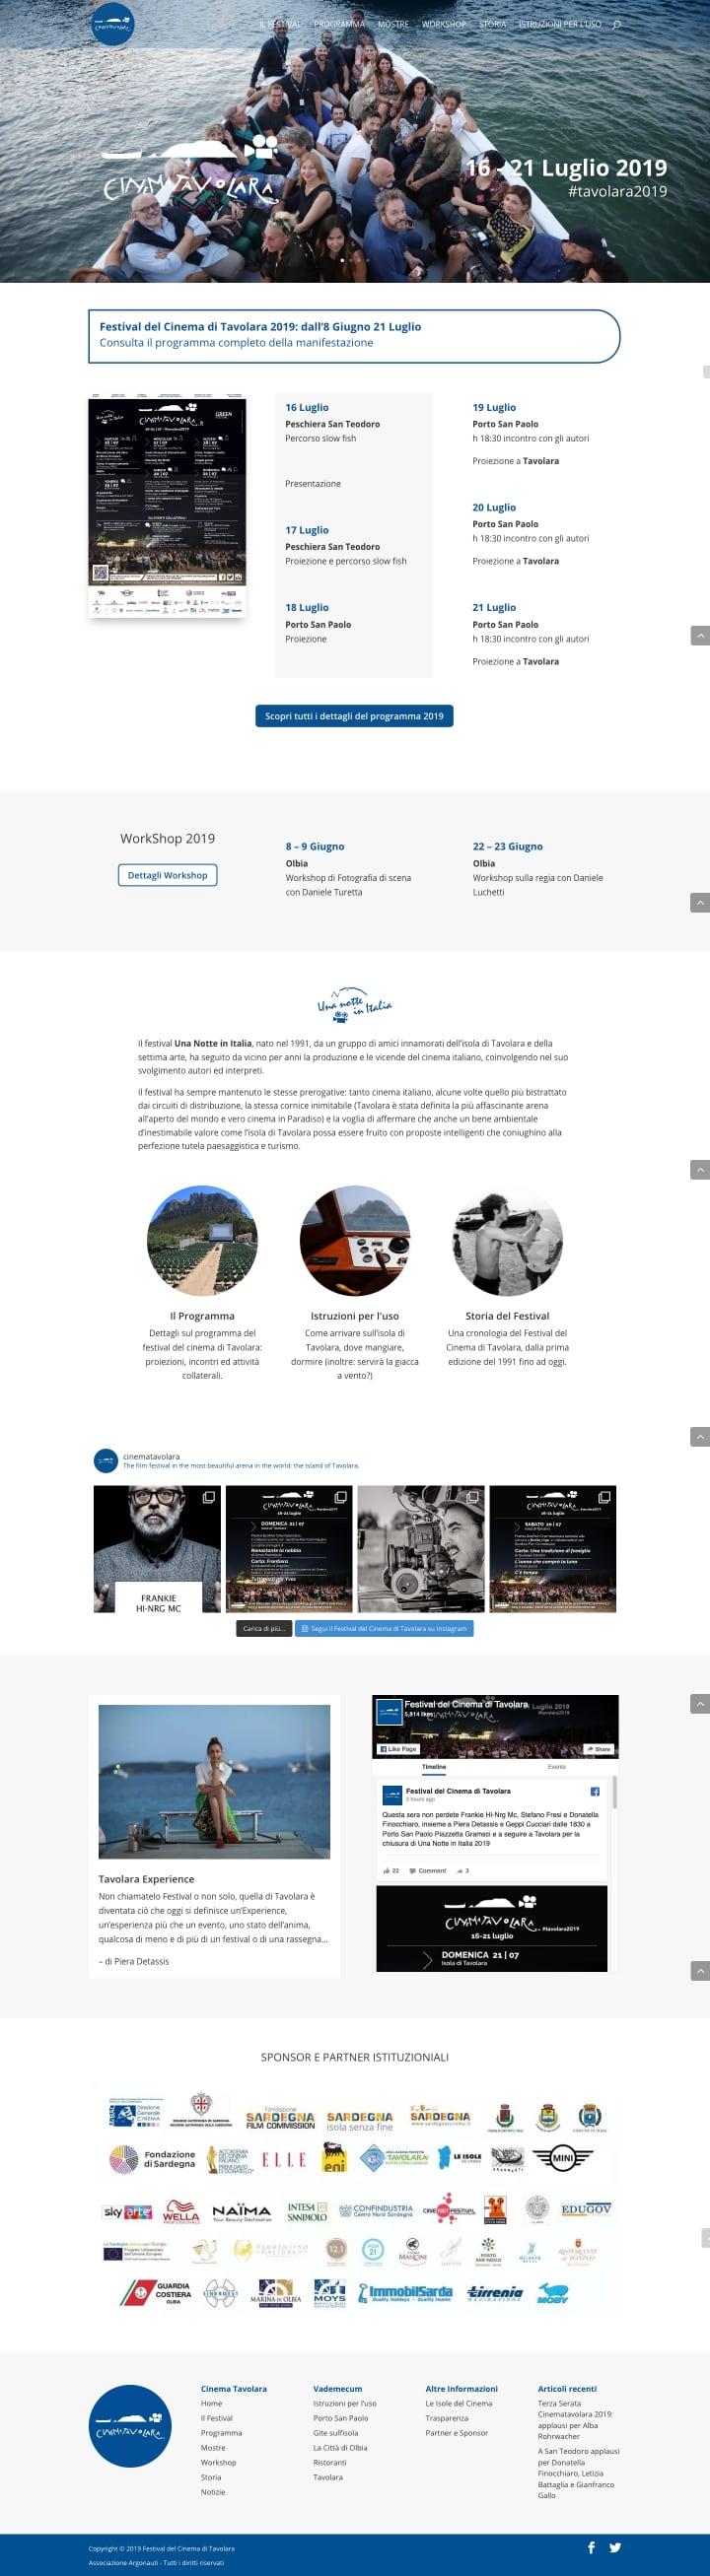 Home - Festival del Cinema di Tavolara screenshot sito internet